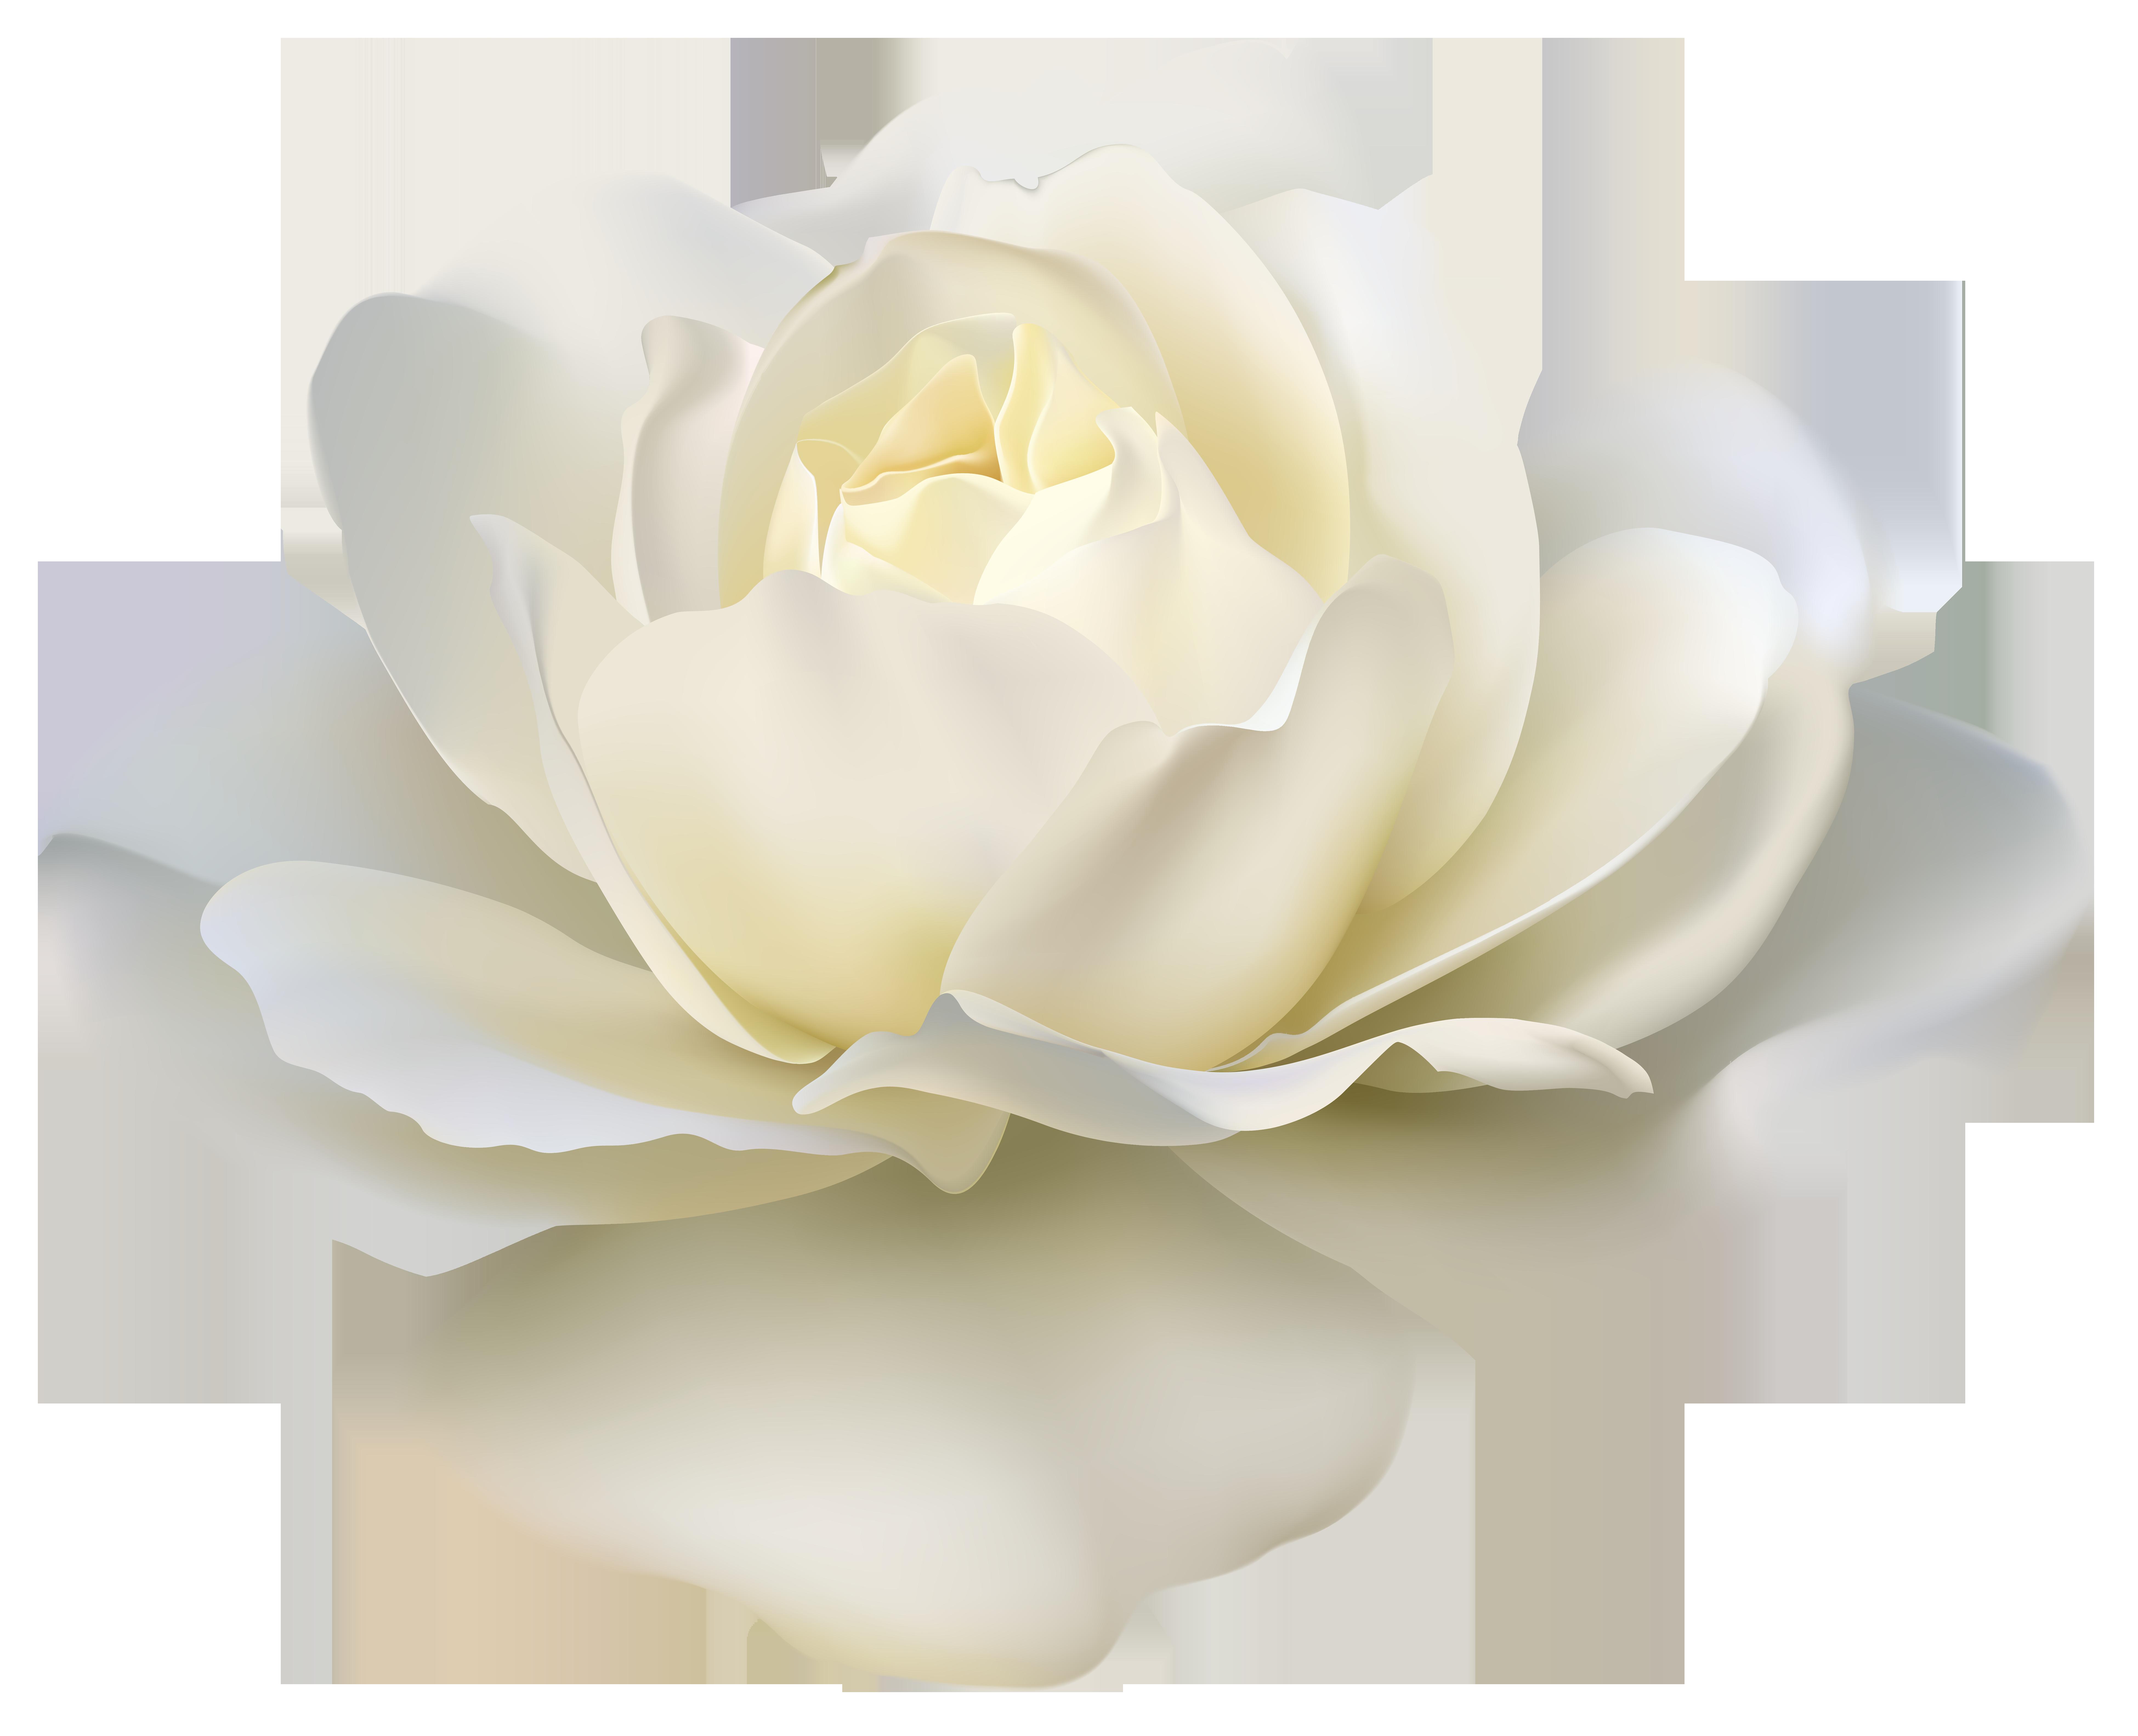 710863 Png 7798 6333 White Rose Png Rose Doodle Flower Art